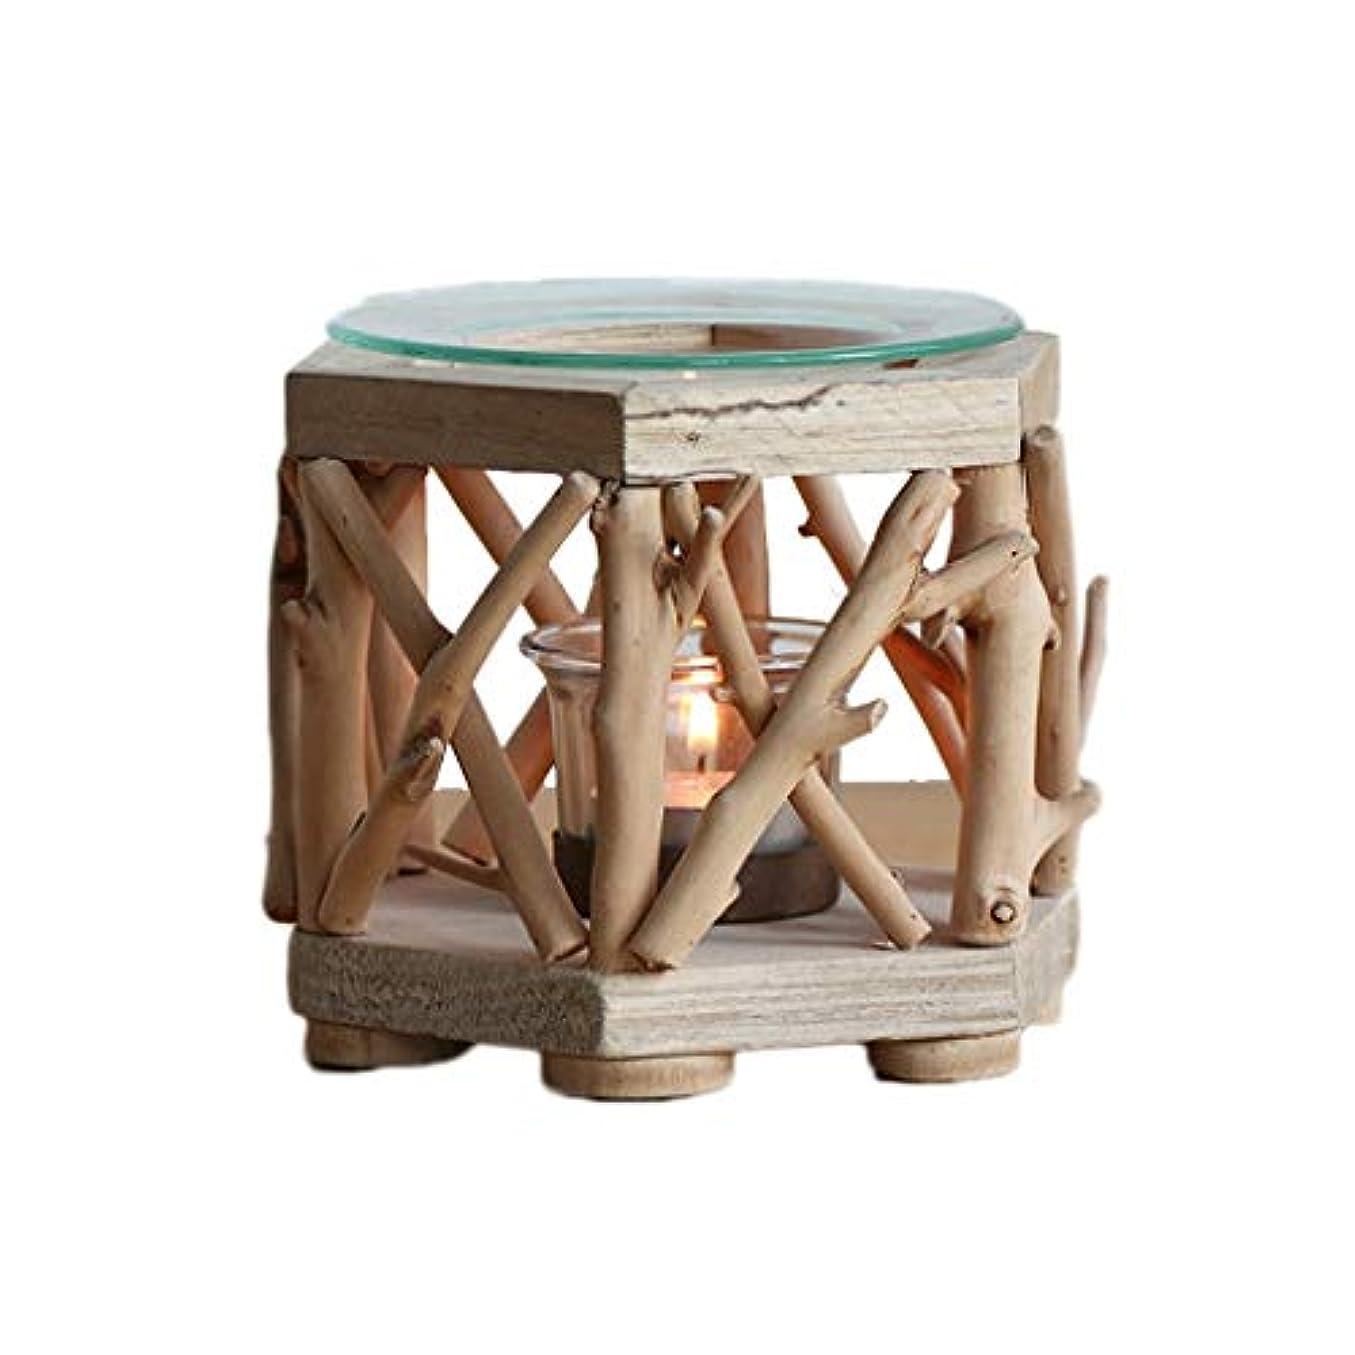 イブくびれた中古家庭用木材香ホルダーエッセンシャルオイルアロマ燭台香バーナー寝室アロマセラピー炉香バーナーホルダー (Color : B)